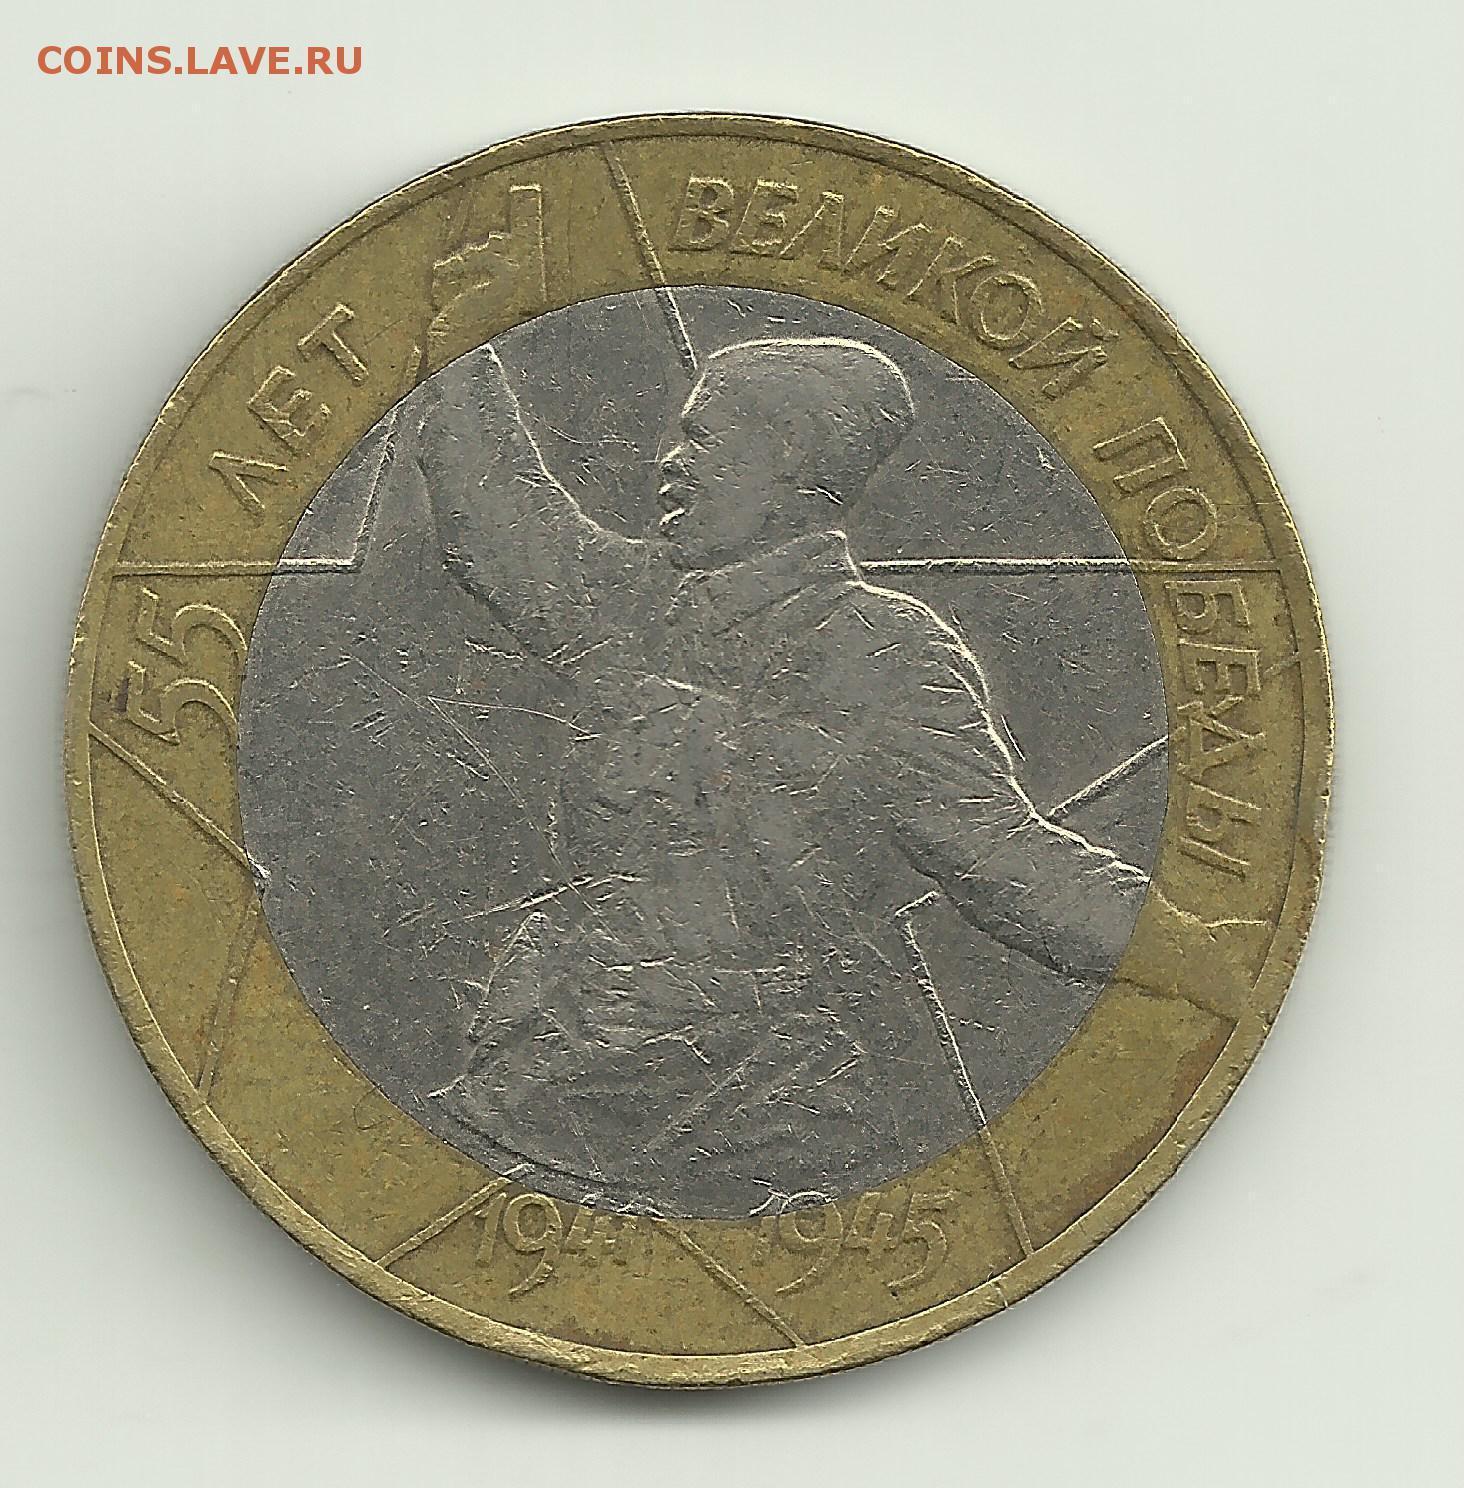 Сколько стоит 10 рублей 2000 года купить 50 копеек 1922 года